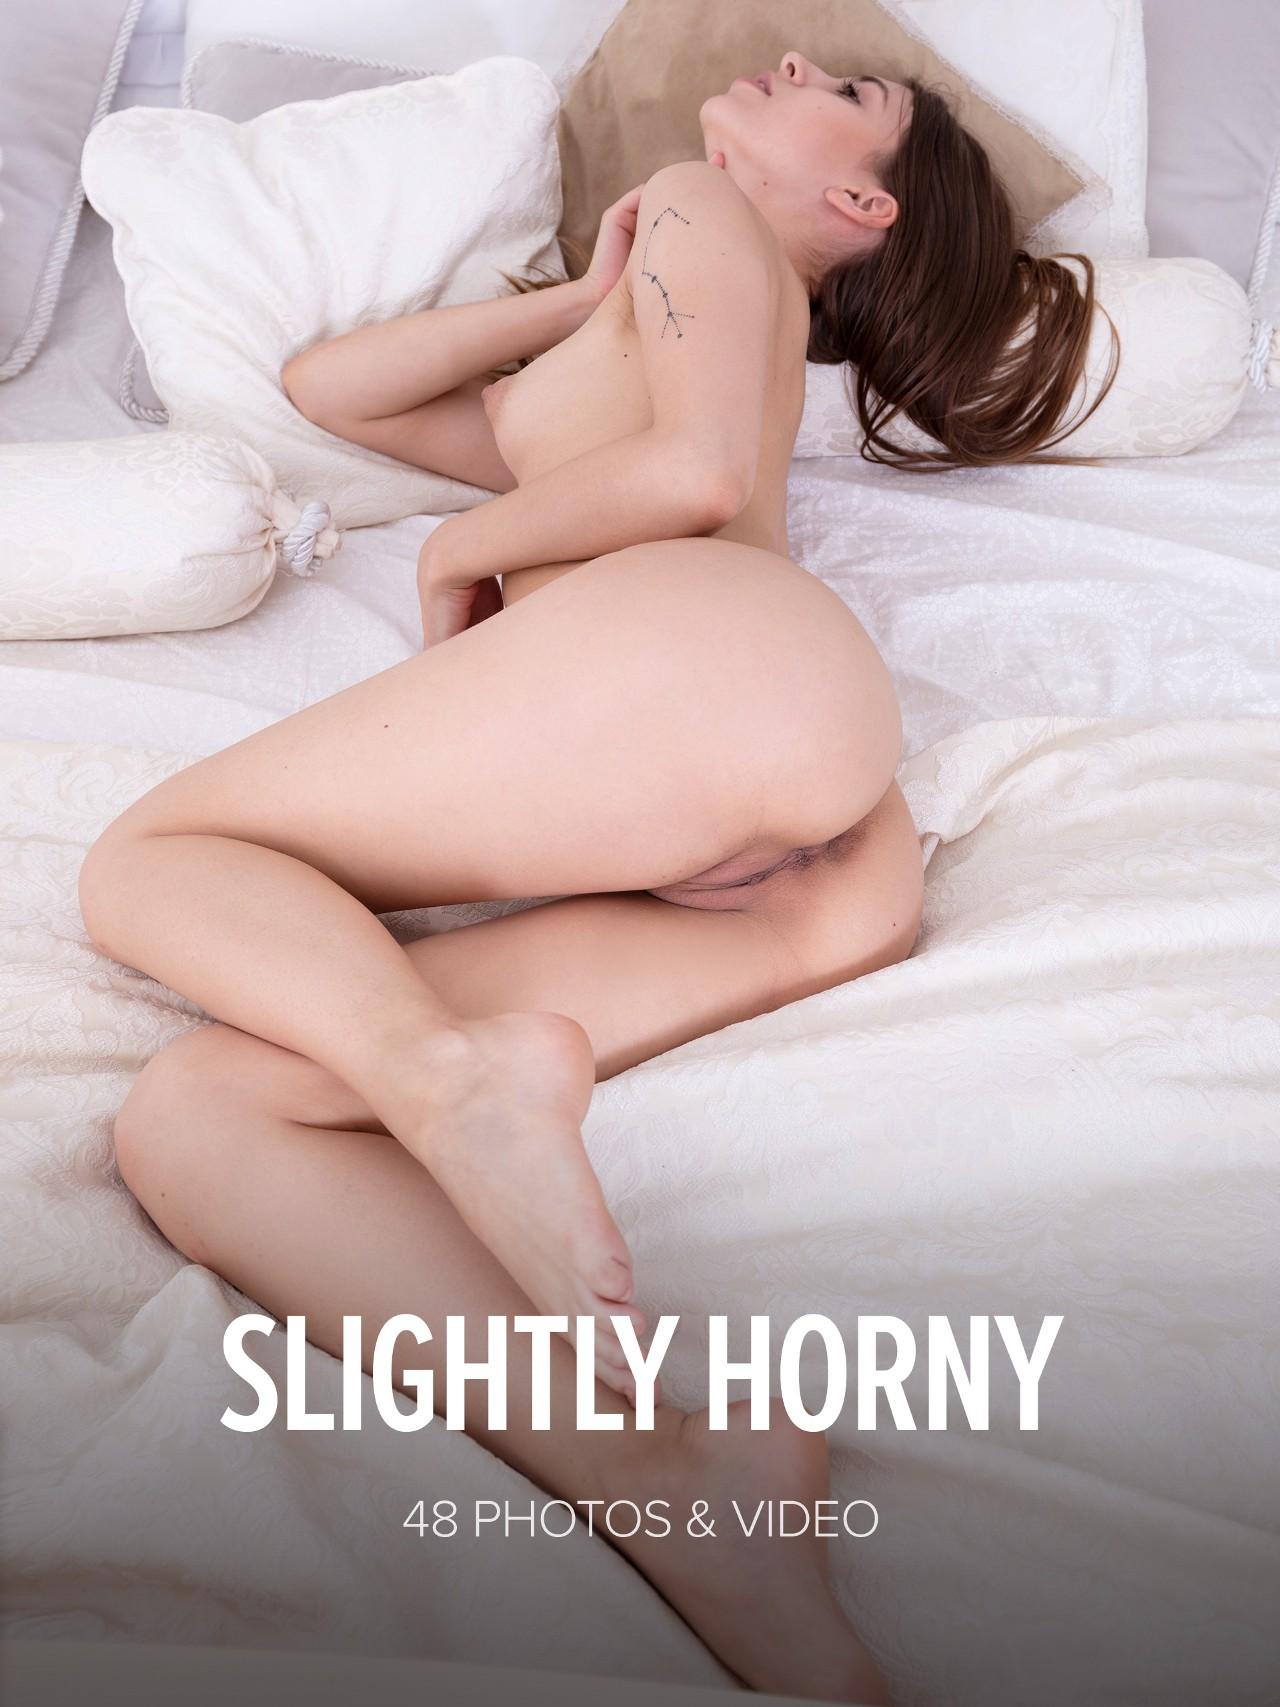 Nona: Slightly Horny